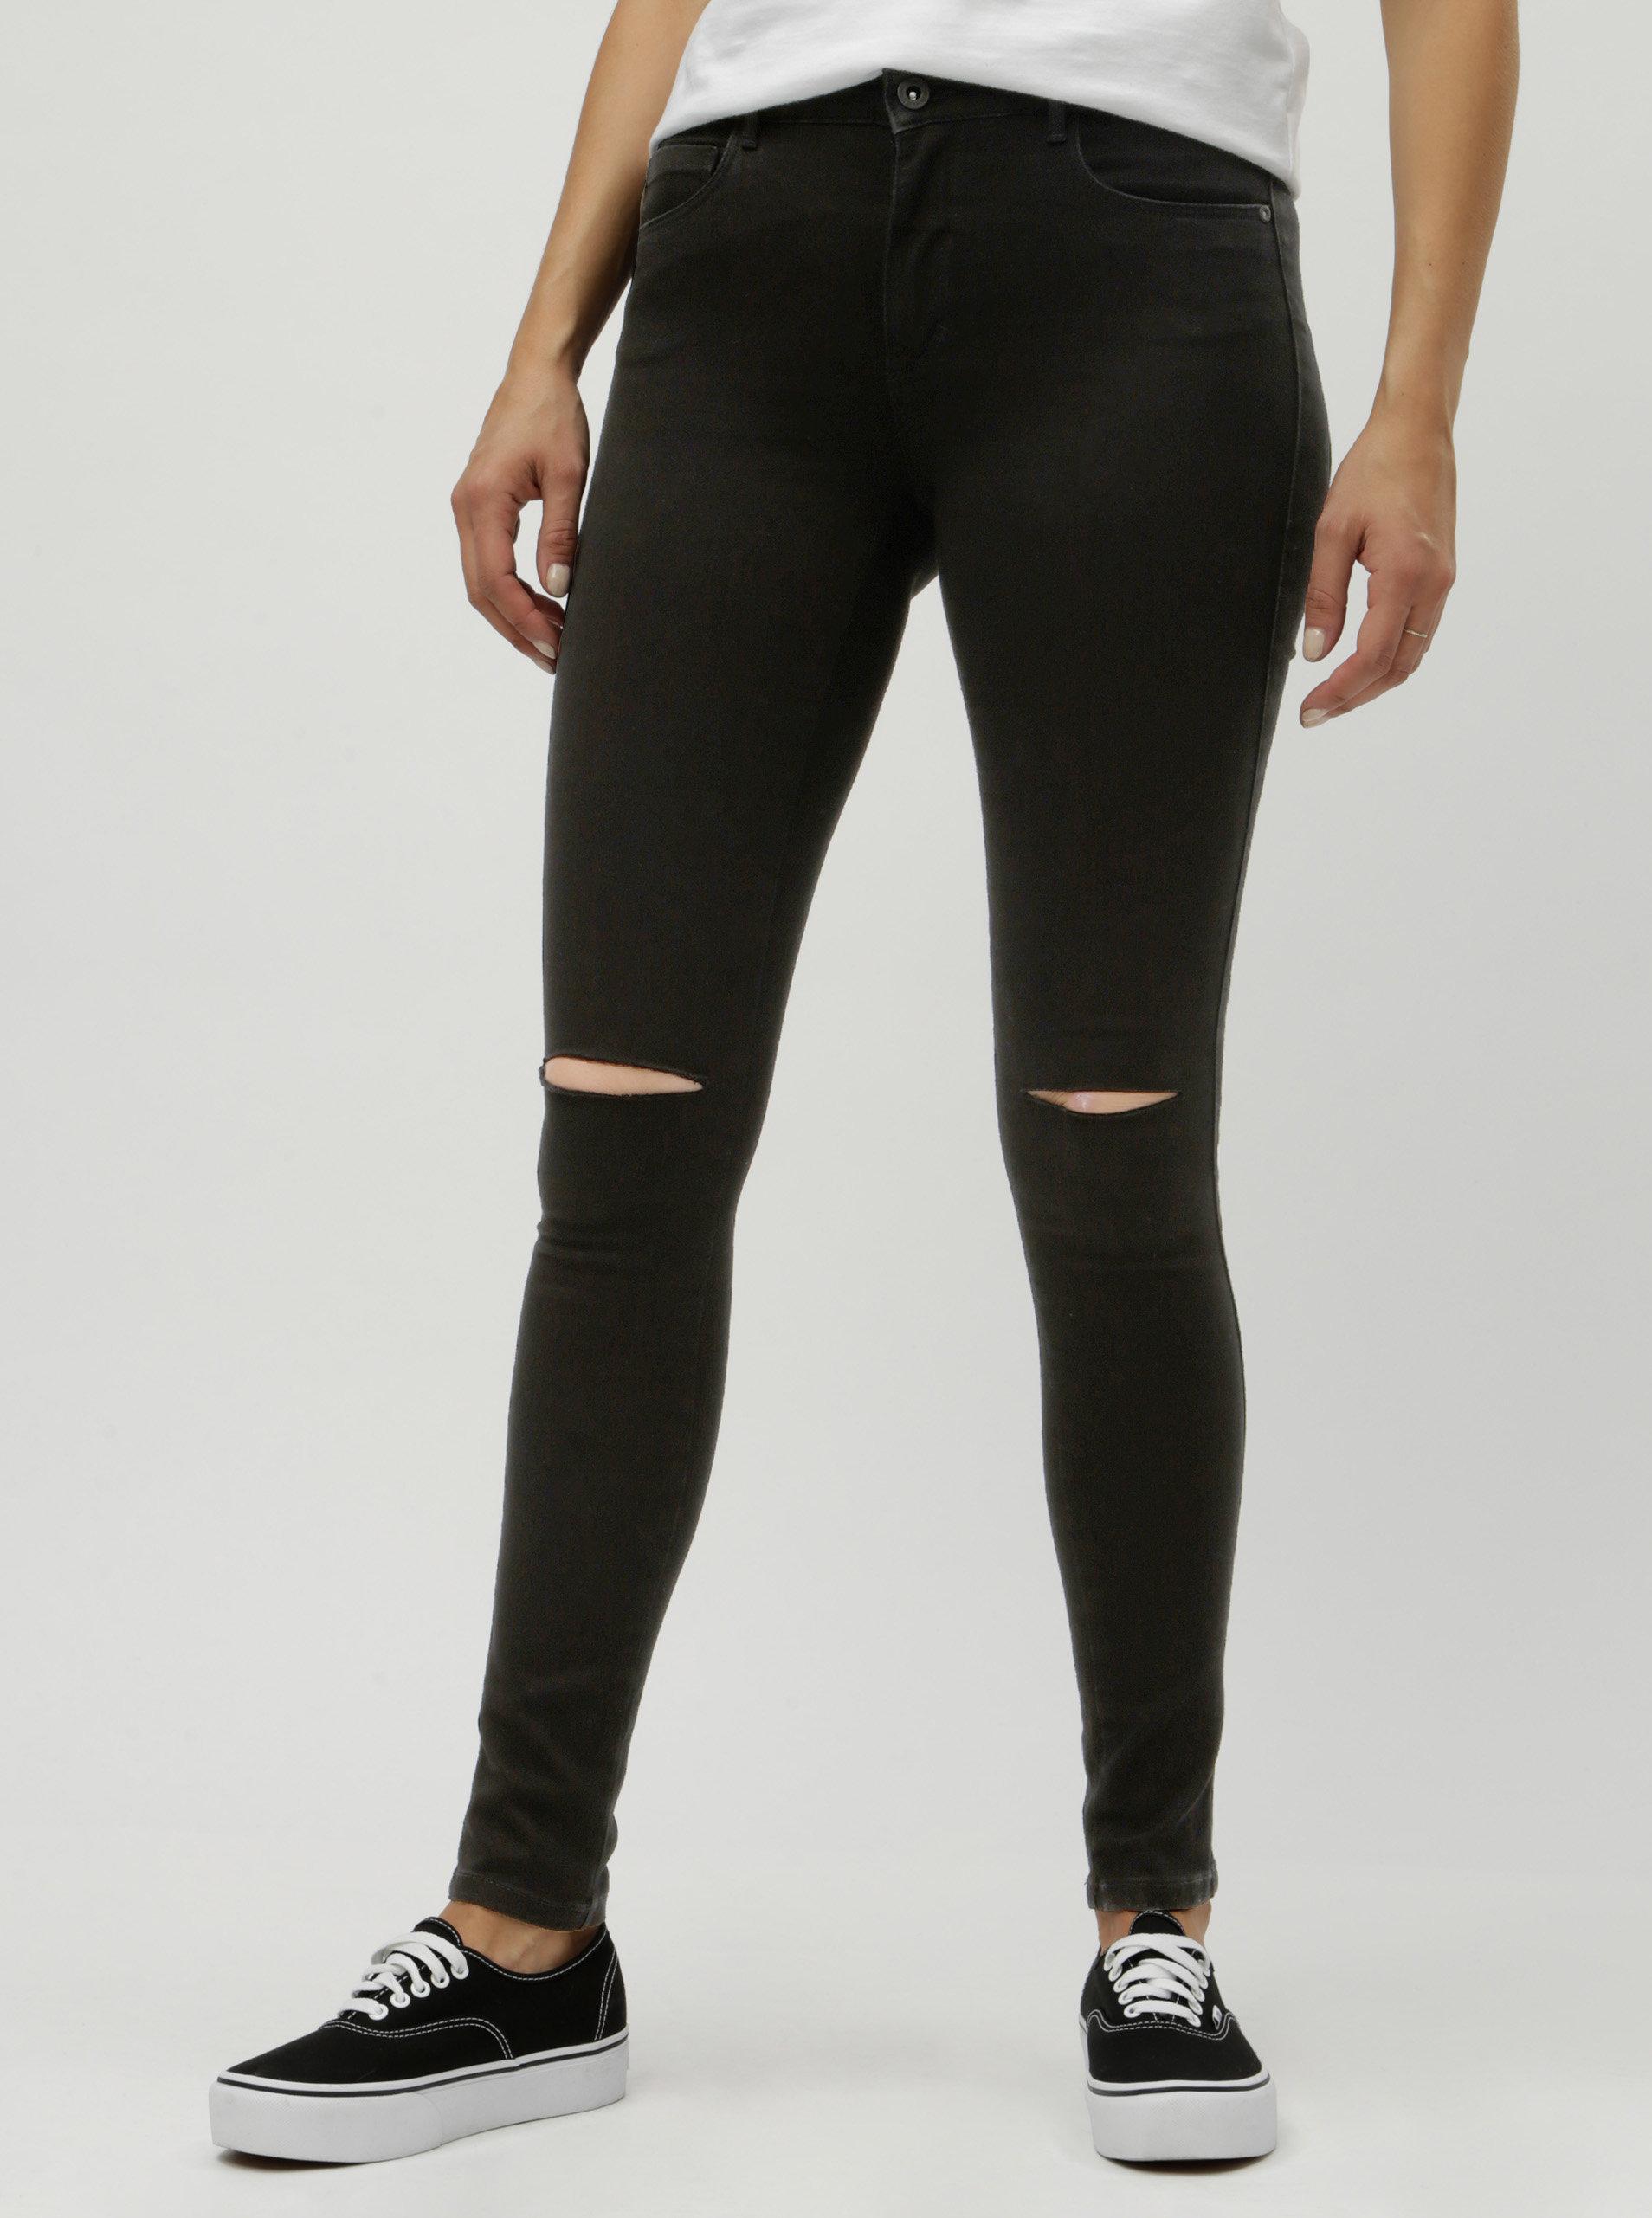 Černé skinny džíny s dírami na kolenou ONLY Royal Reg ... 97dffef916